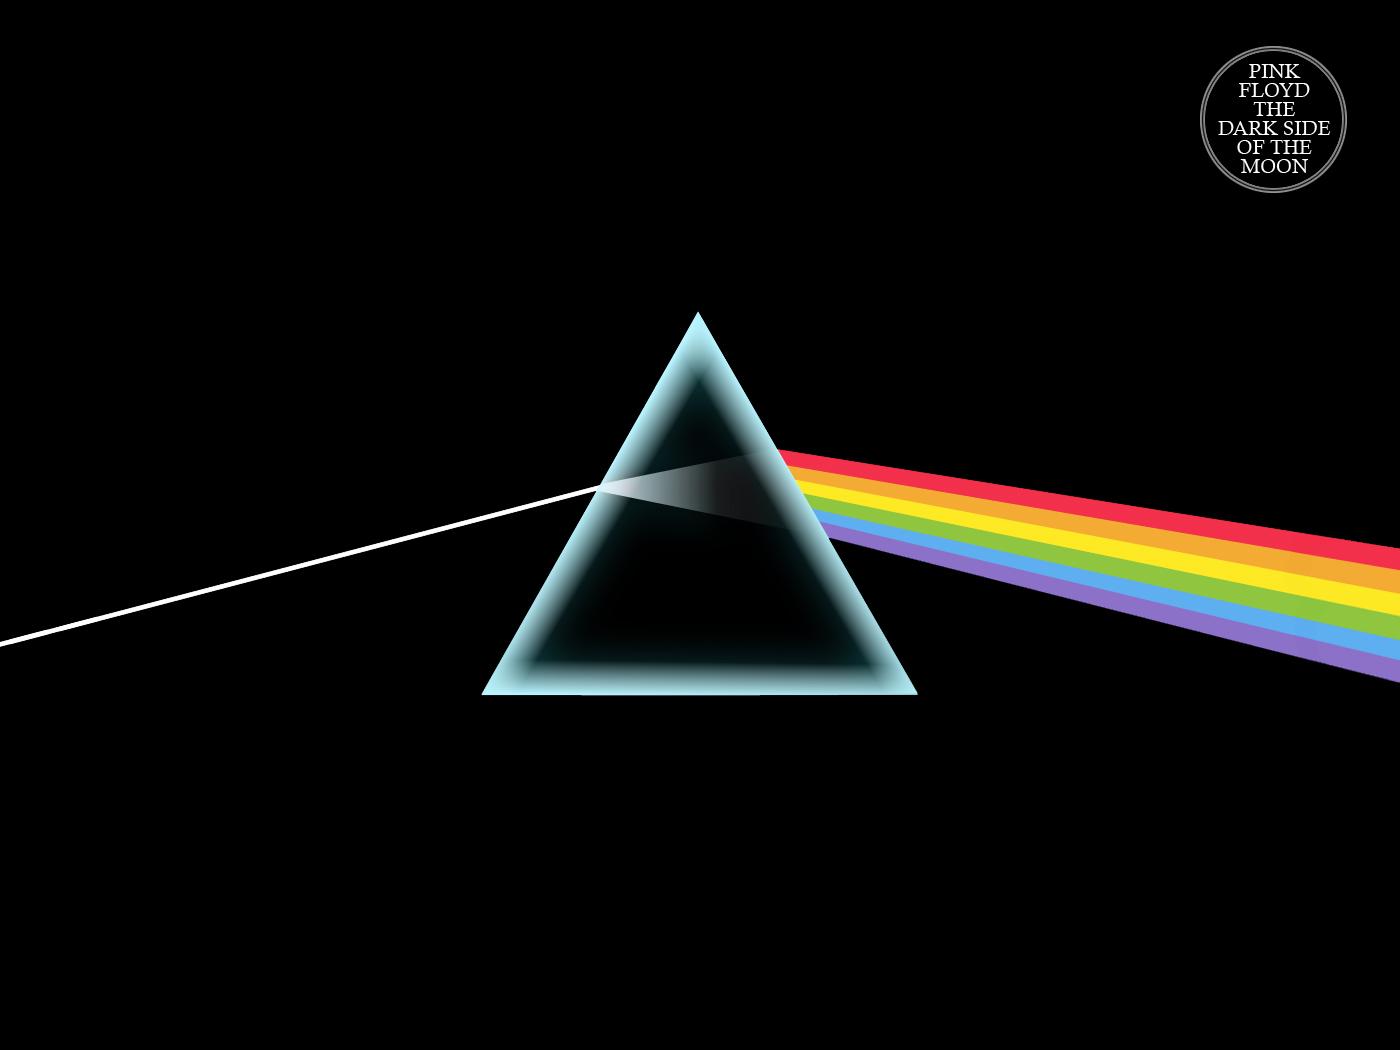 Reedición de Pink Floyd: Diez razones para dejarse seducir por el lado oscuro de la luna